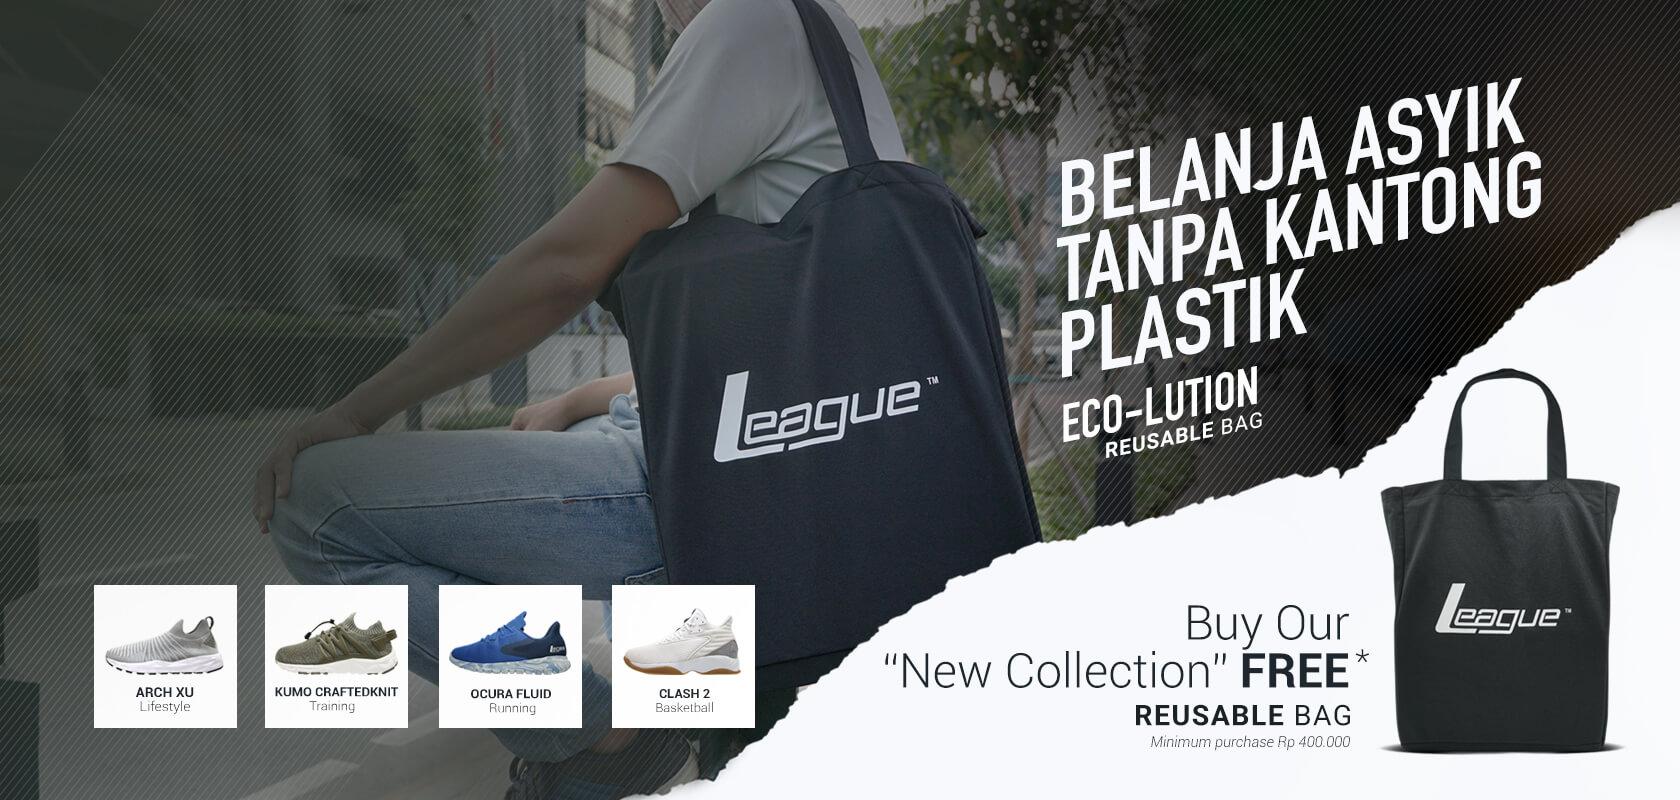 League | Ecolution